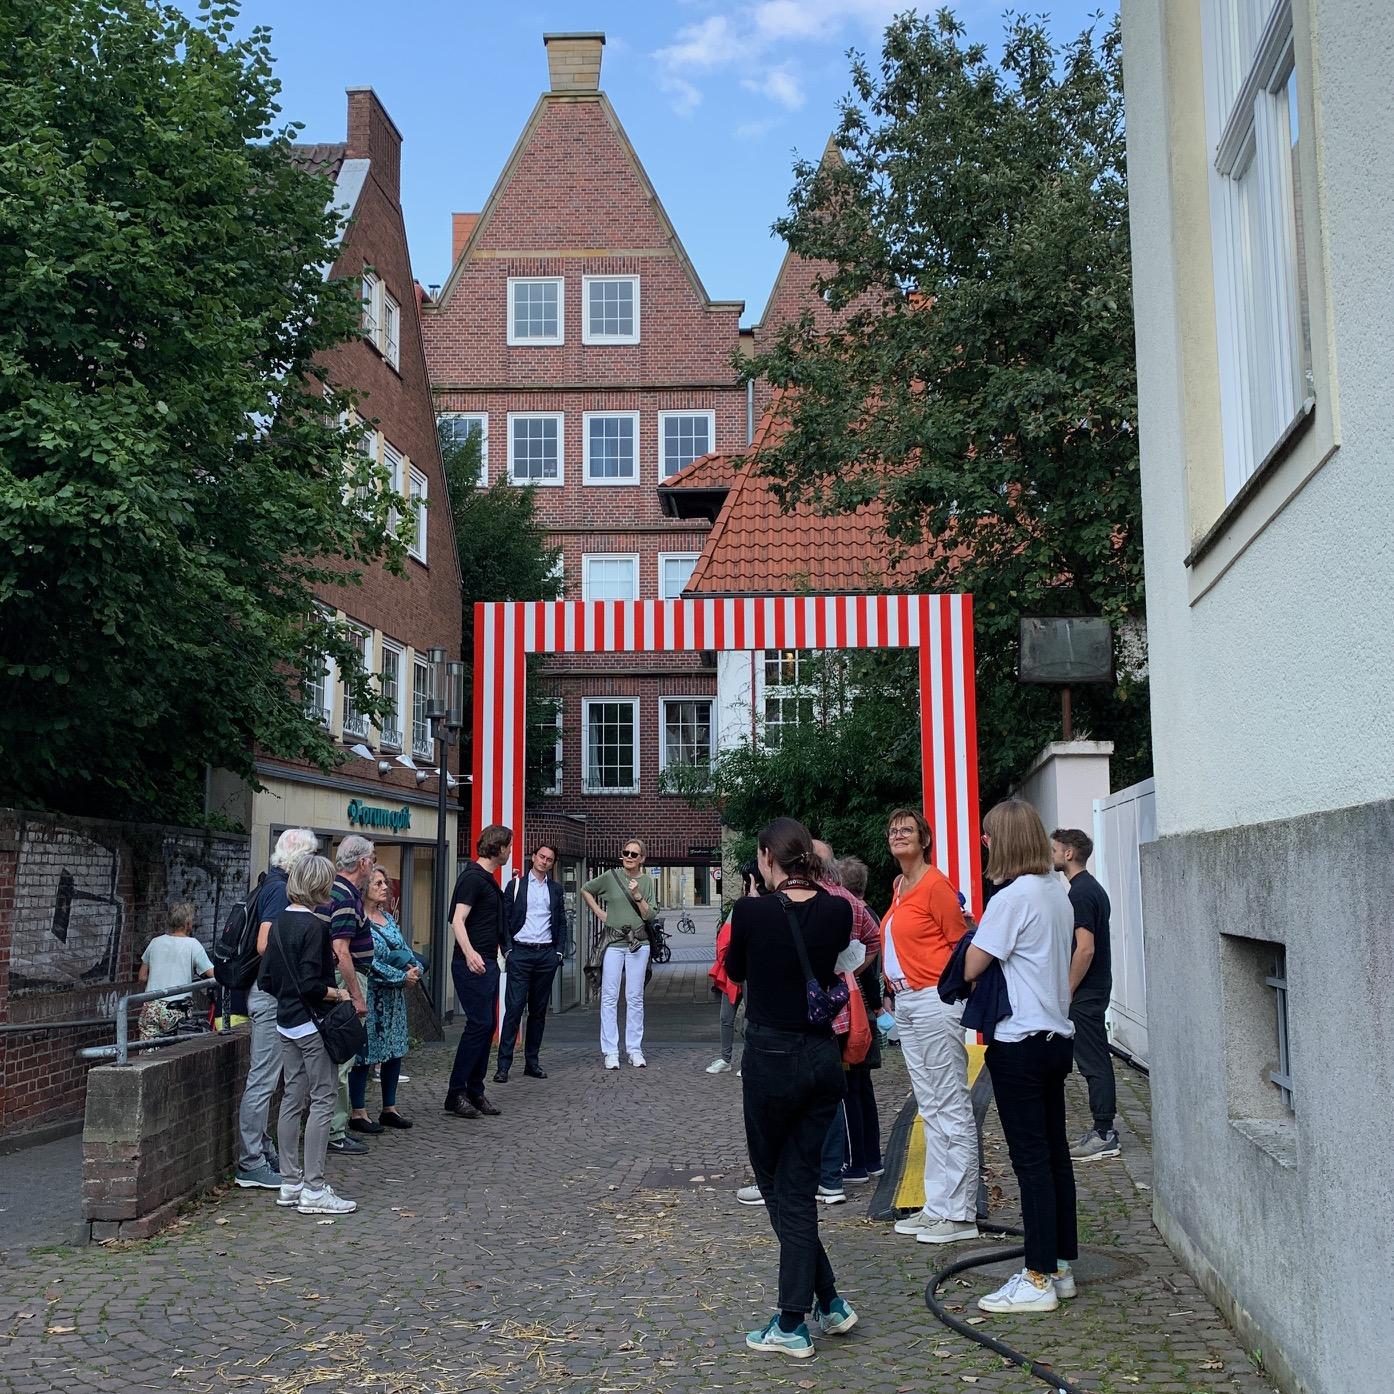 Münster Modell: Rundgang zu verschiedenen Höfen in der Altstadt - Foto: Martin Schmidt